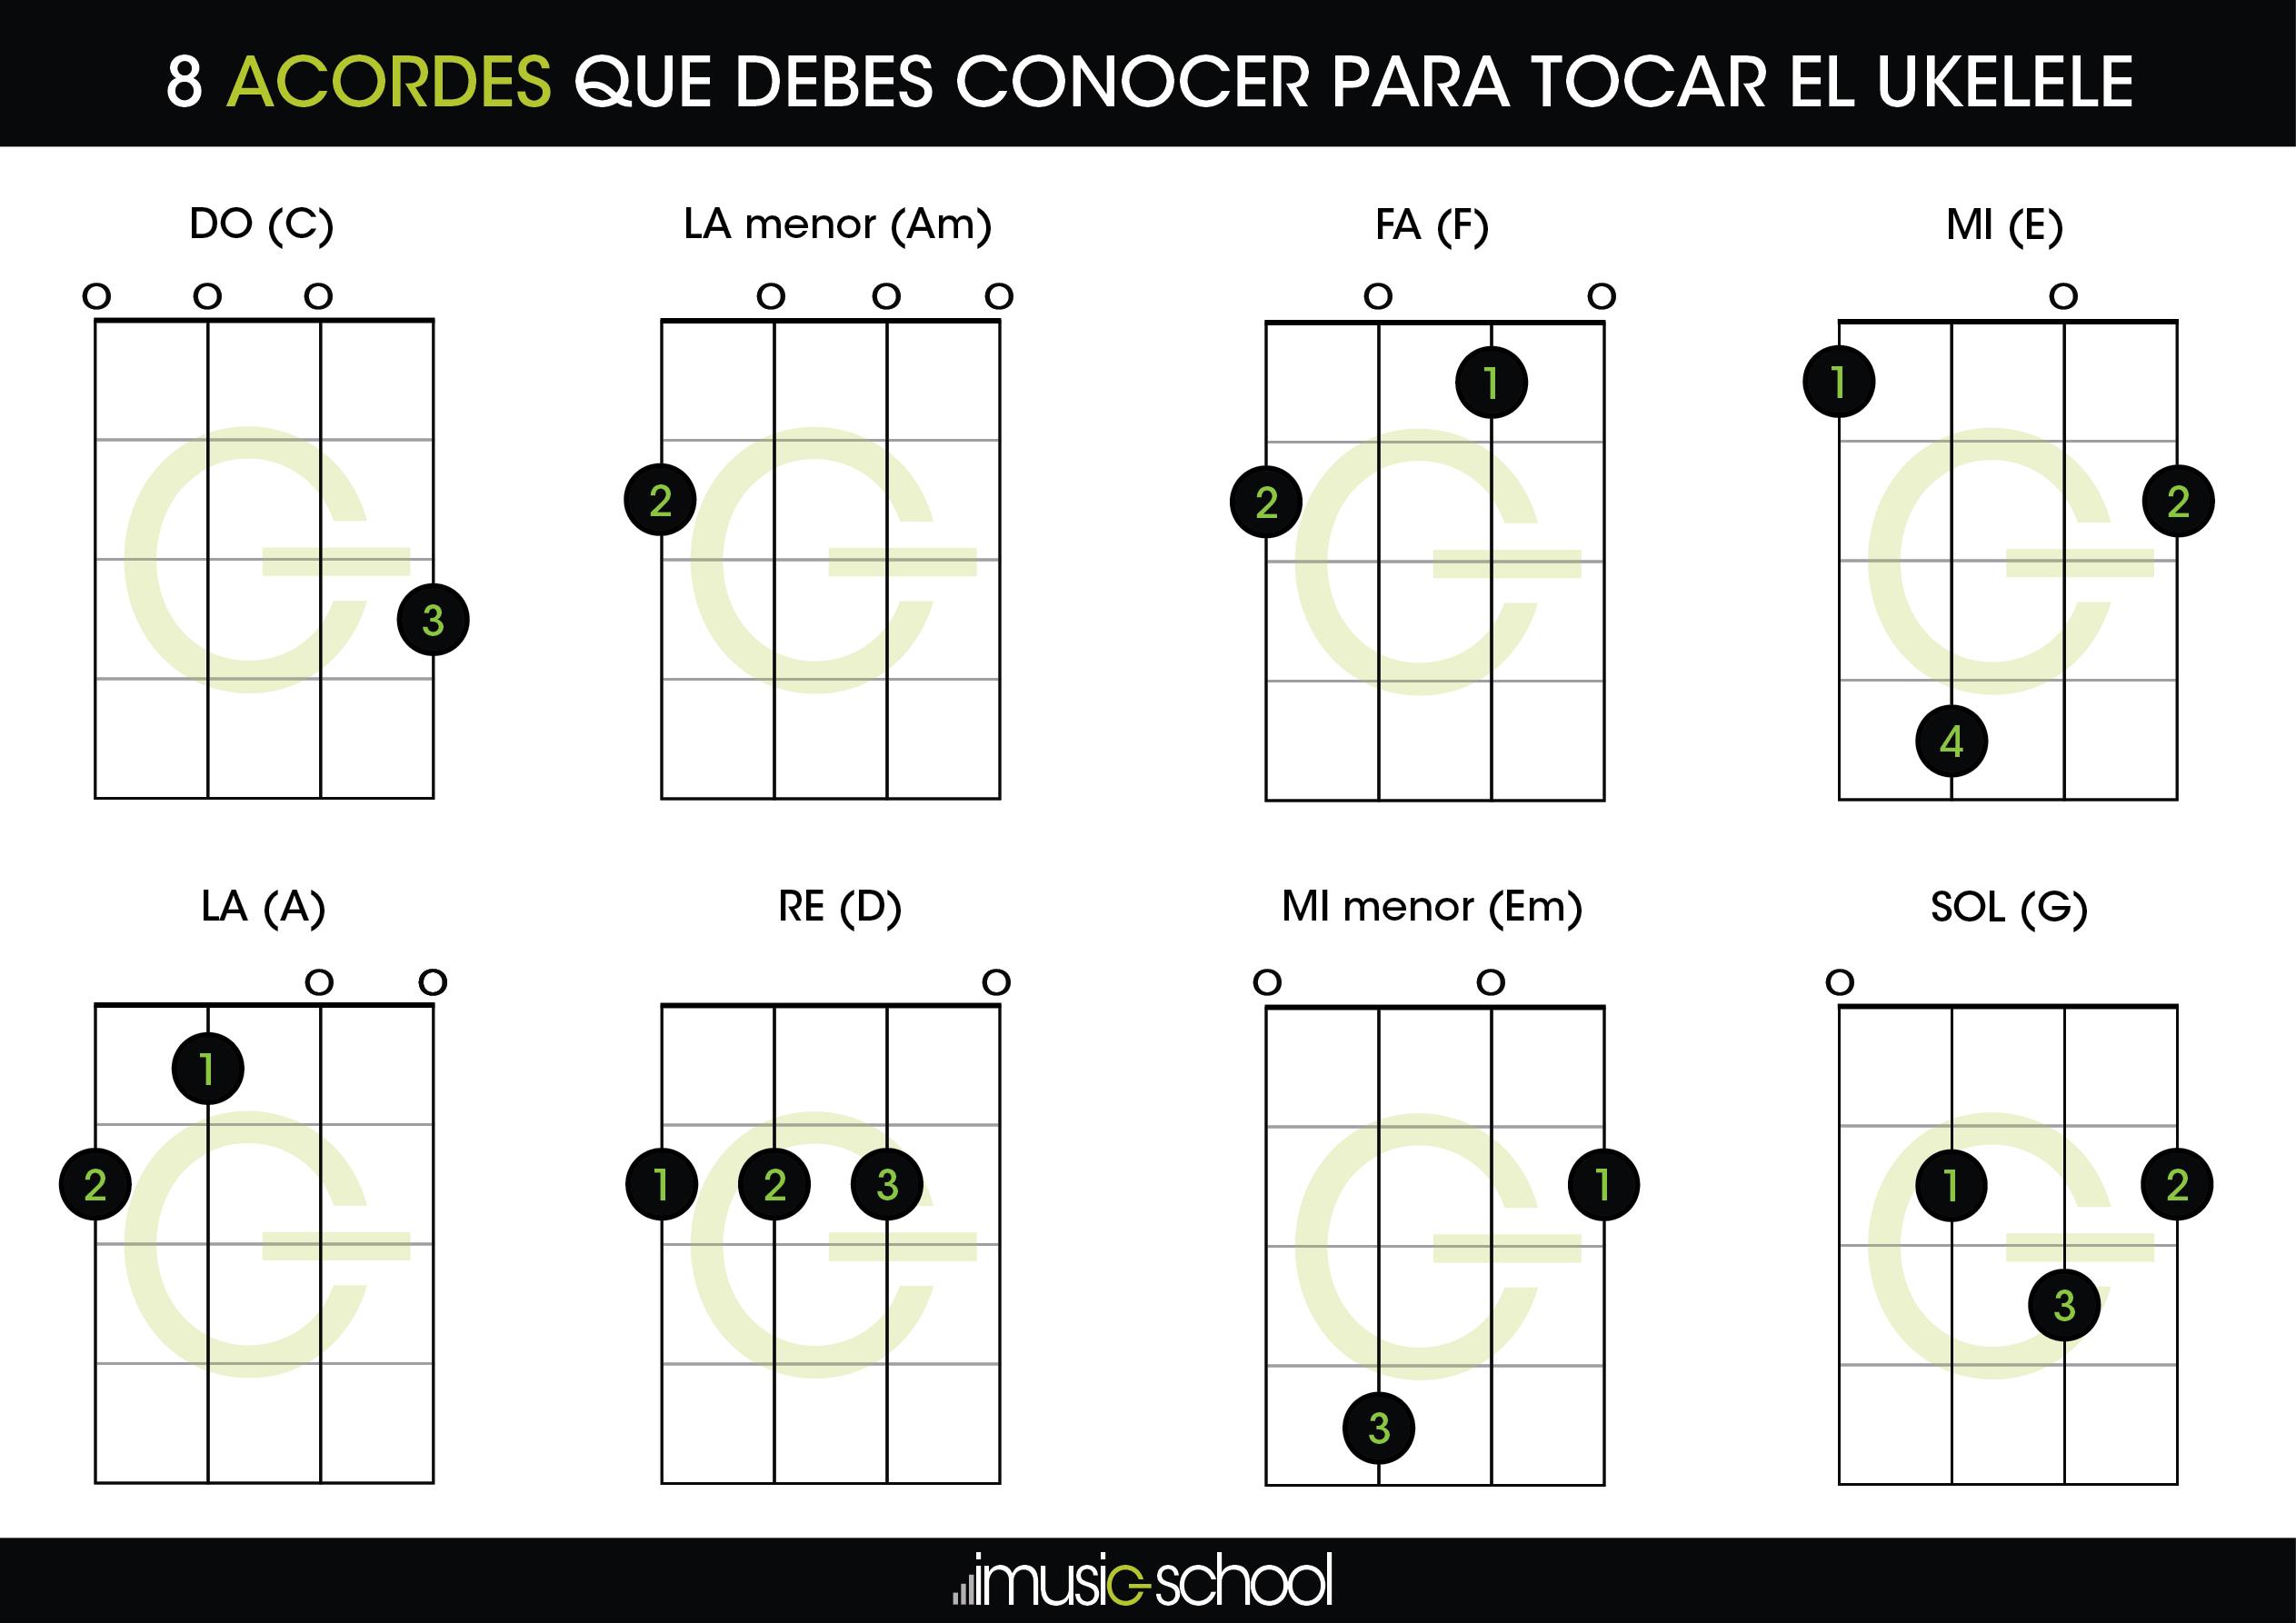 8 acordes que debes conocer para tocar el ukelele